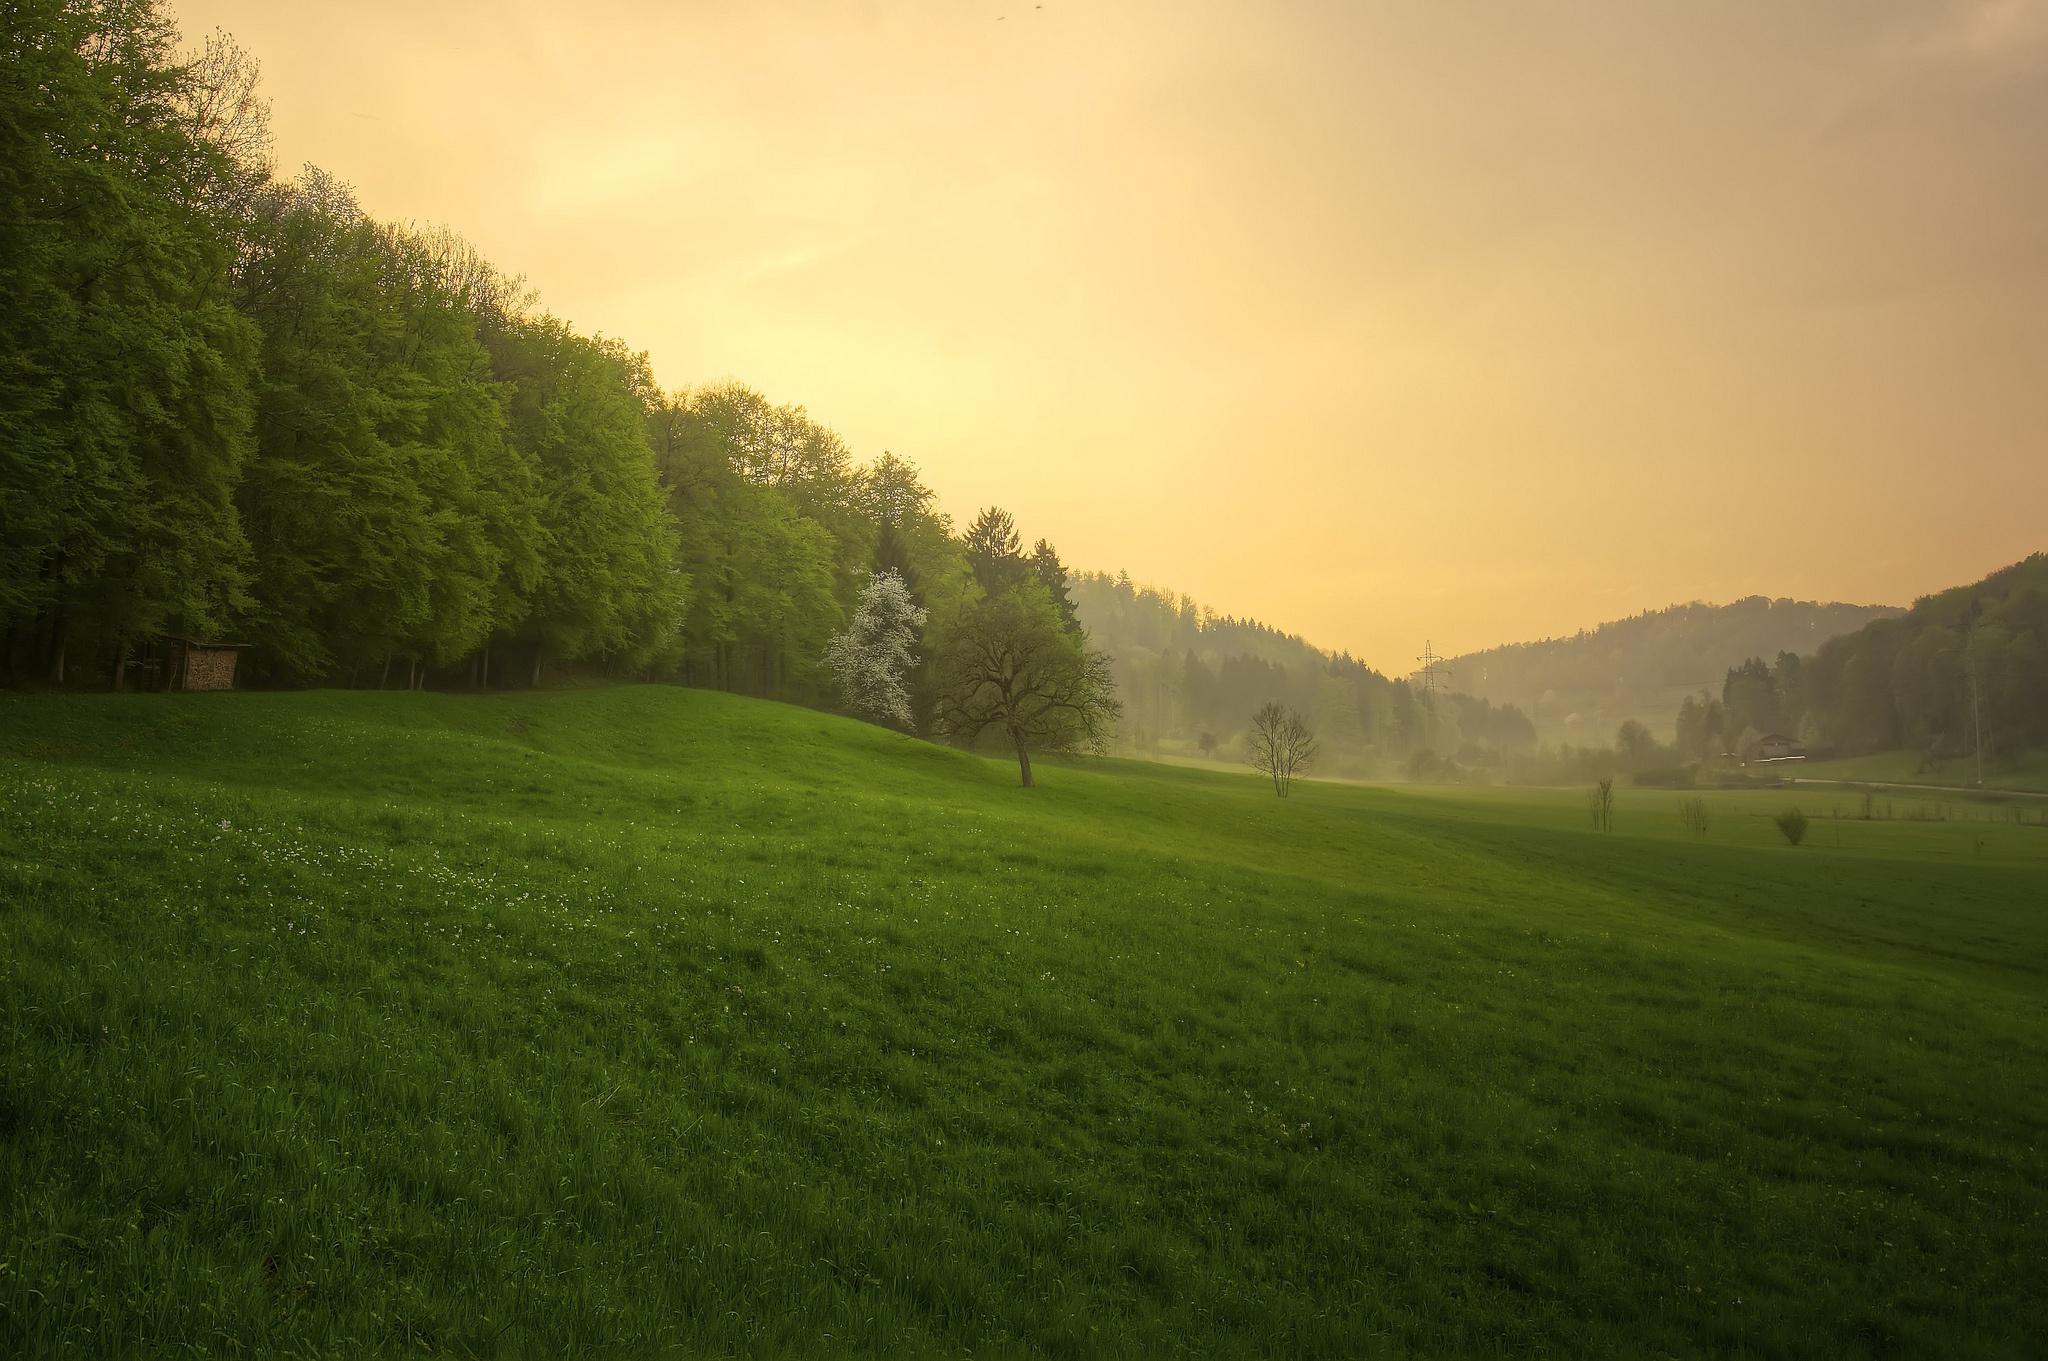 Forest sunset rain grass nature wallpaper | 2048x1361 | 117136 | WallpaperUP